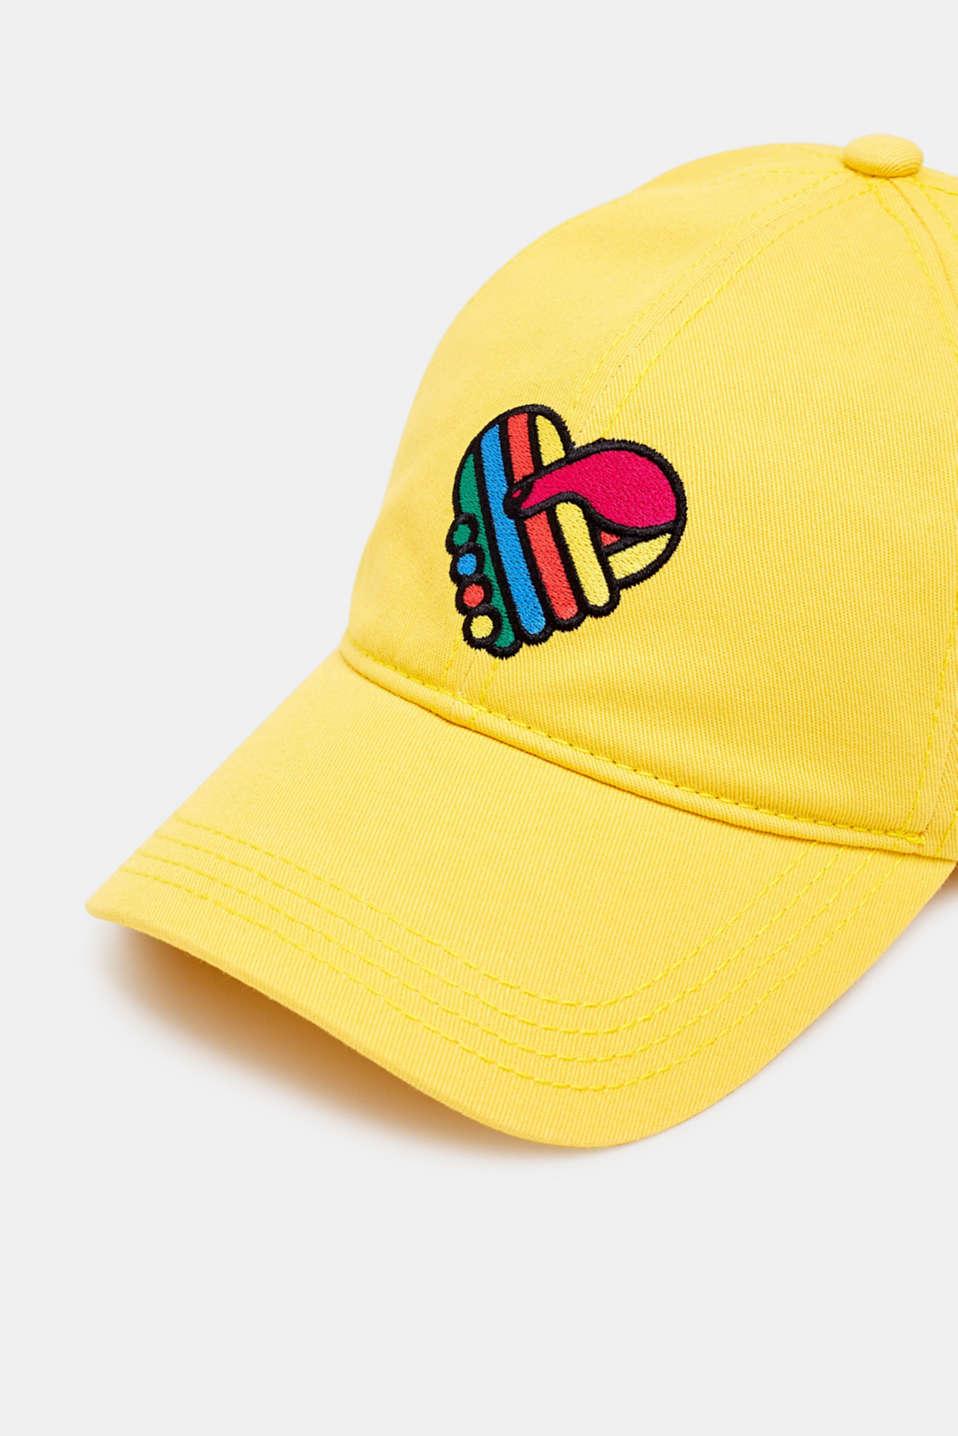 CRAIG & KARL: 100% cotton baseball cap, BRIGHT YELLOW, detail image number 1